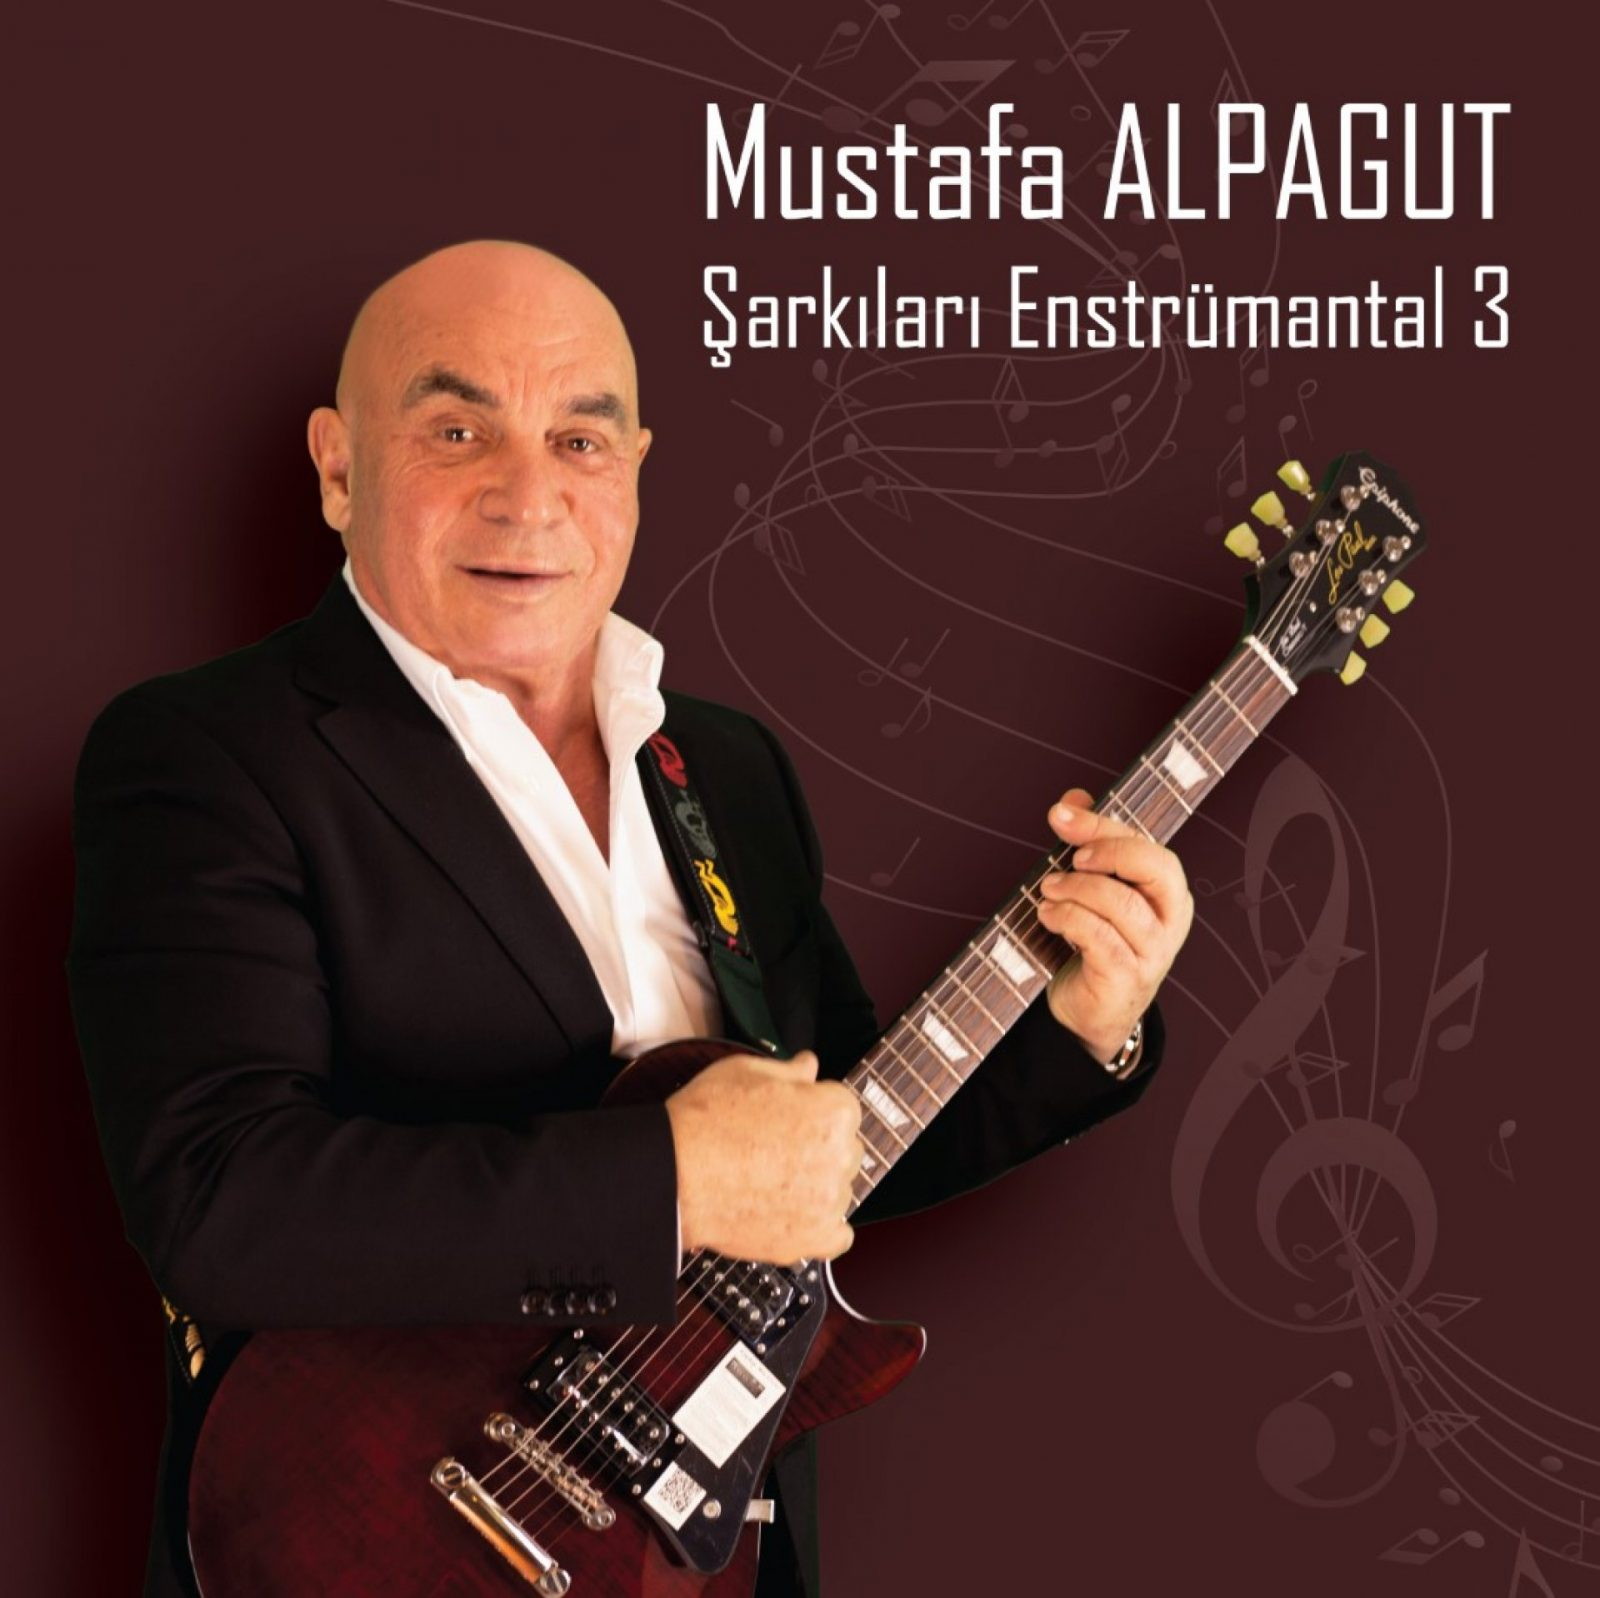 mustafa alpagut şarkıları enstrümantal 3 albüm kapağı